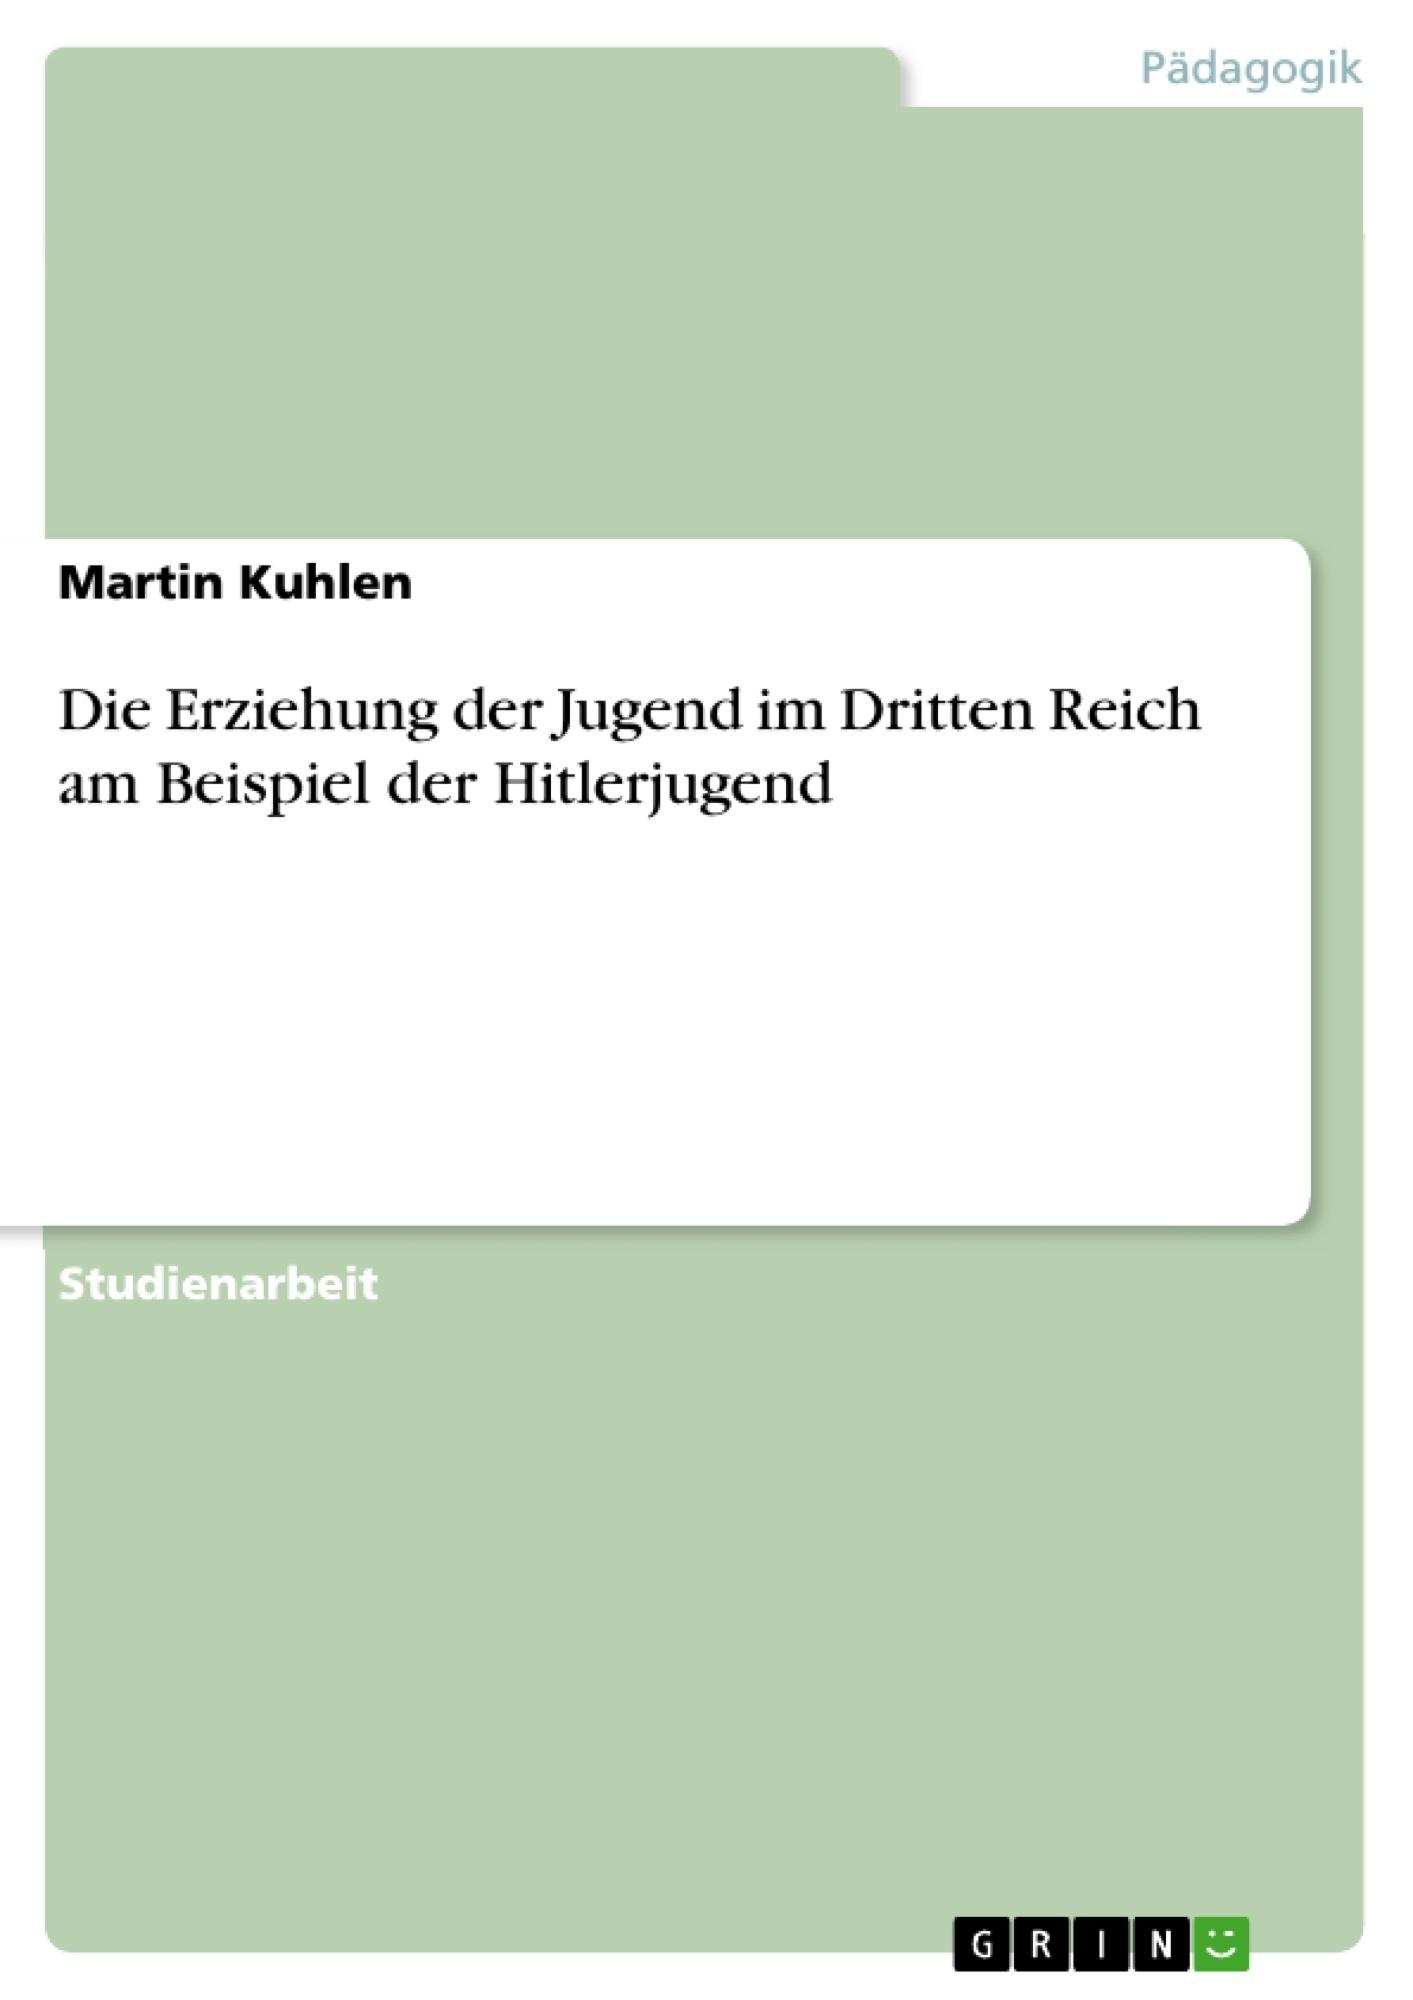 Titel: Die Erziehung der Jugend im Dritten Reich am Beispiel der Hitlerjugend